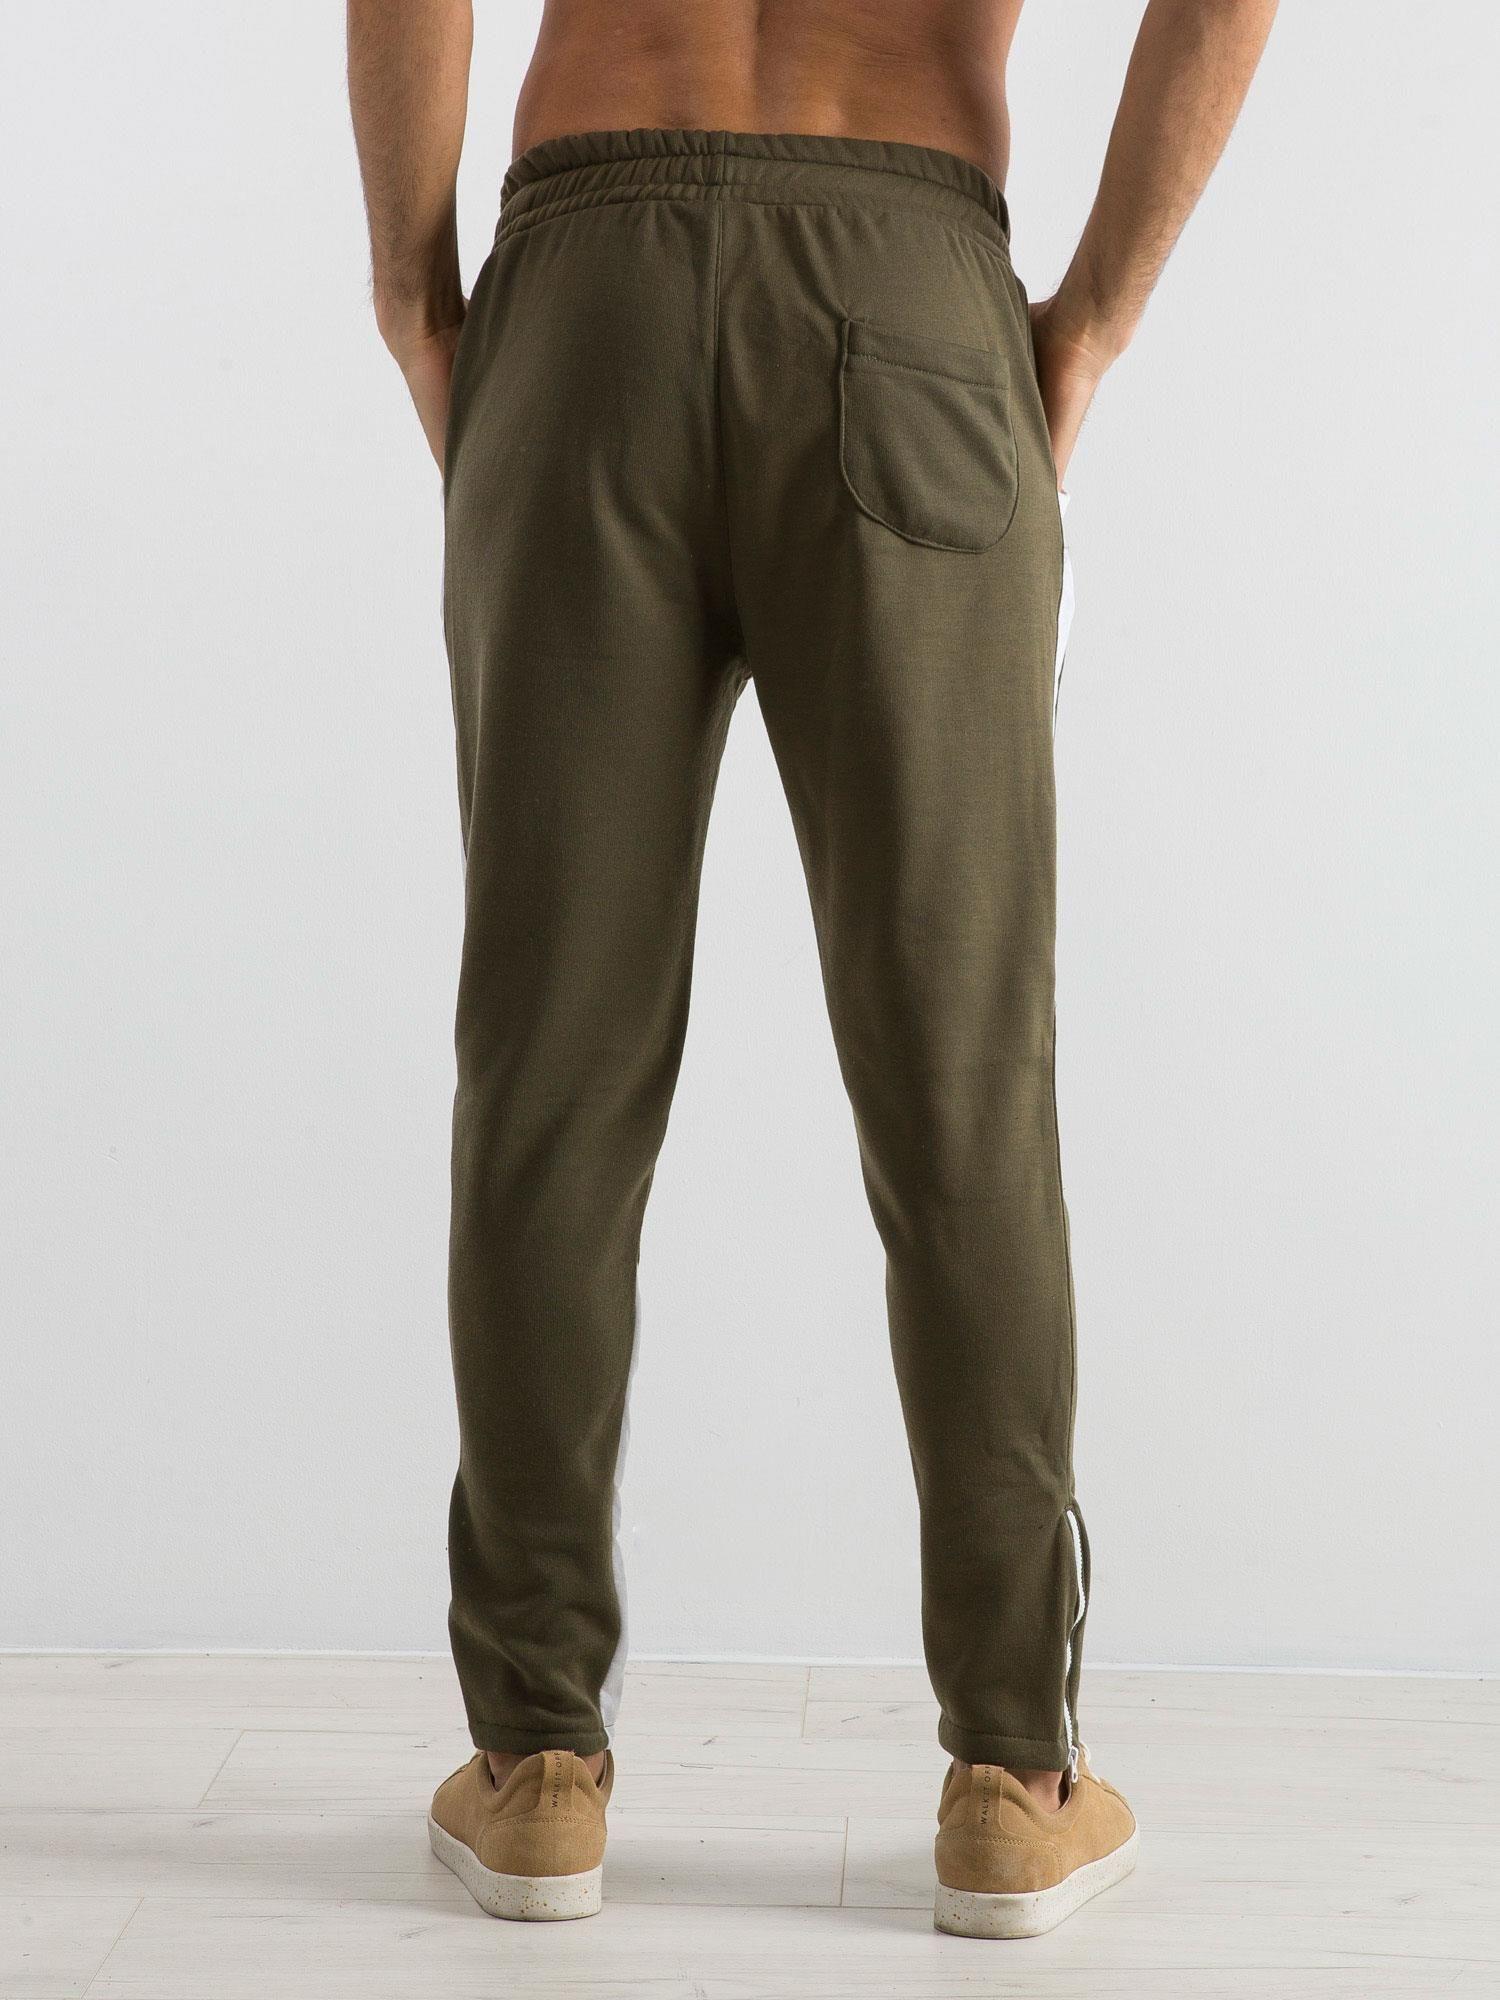 8c746beaa2db9 Oliwkowe spodnie dresowe męskie Durable - Mężczyźni Spodnie dresowe ...